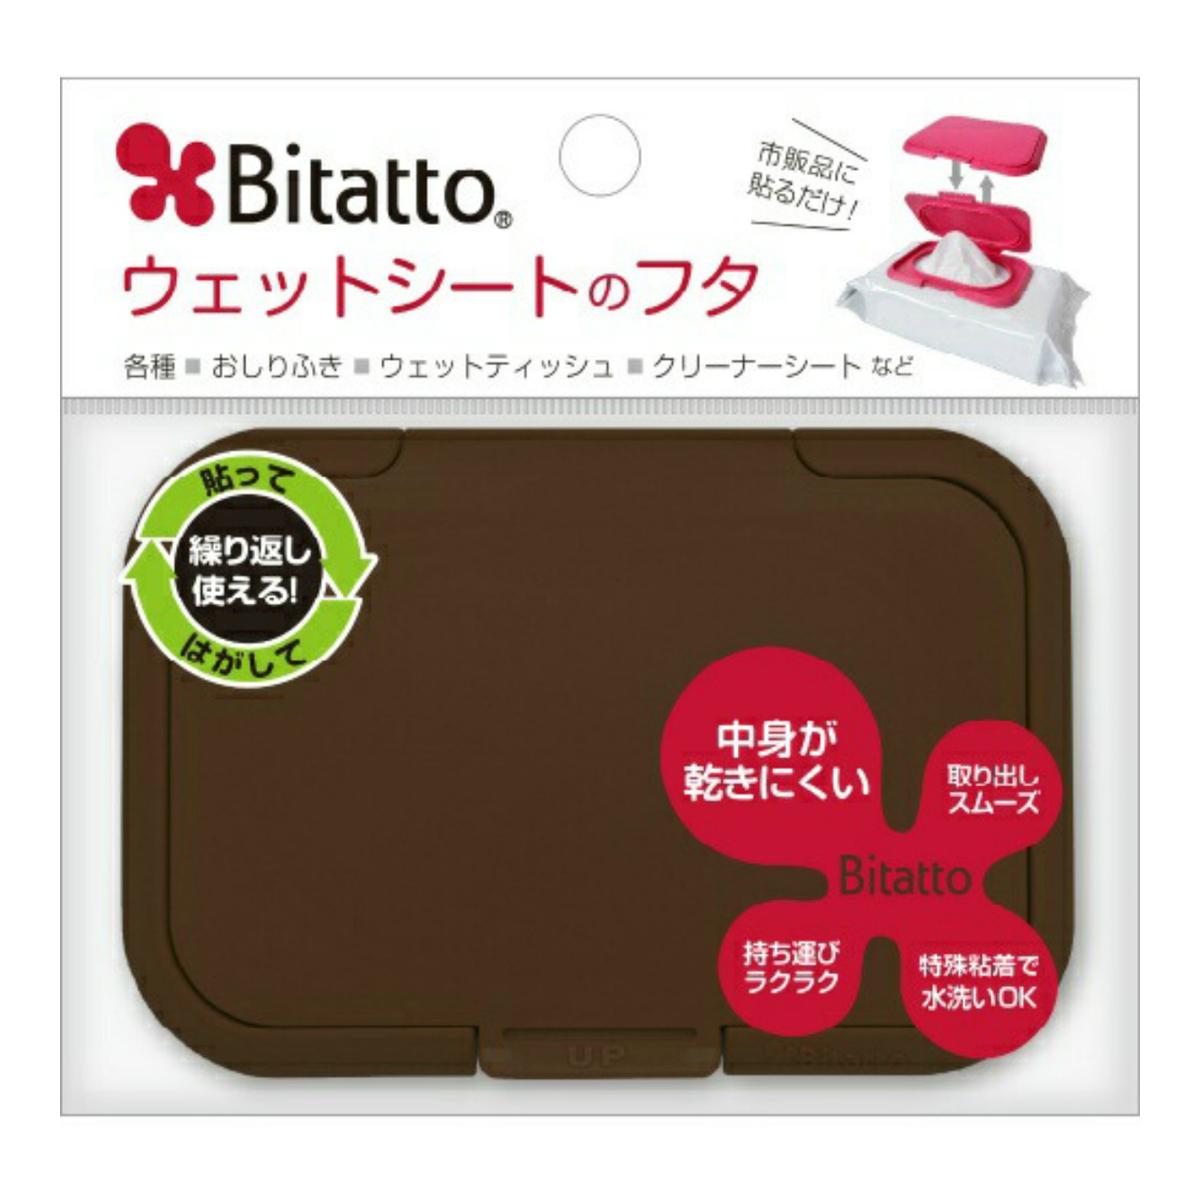 【送料込・まとめ買い×360個セット】ビタットジャパン ビタット ウェットシートのフタ チョコレート